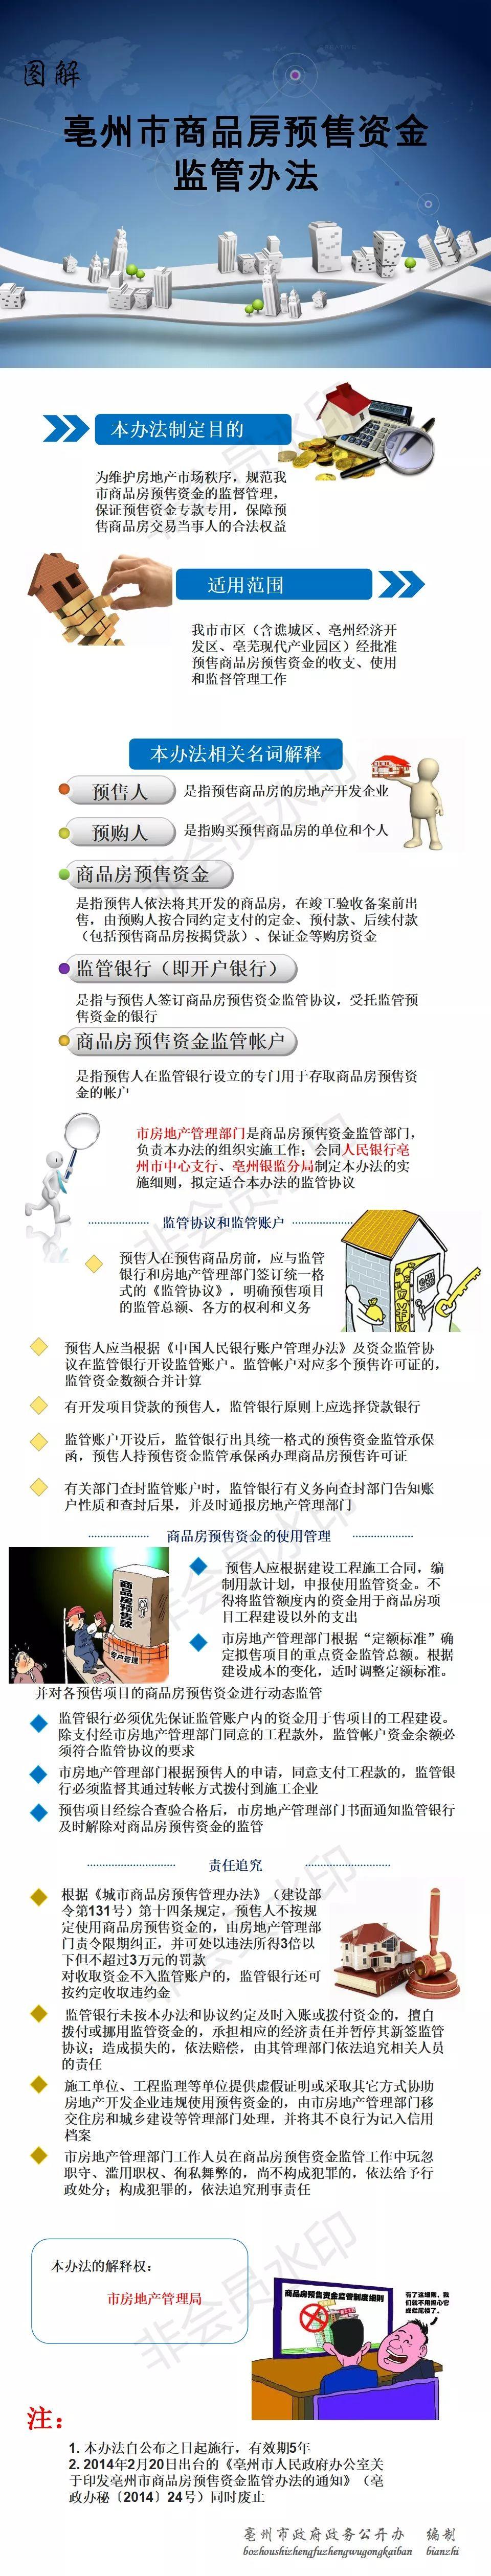 亳州出台楼市新政 规范商品房预售资金监管